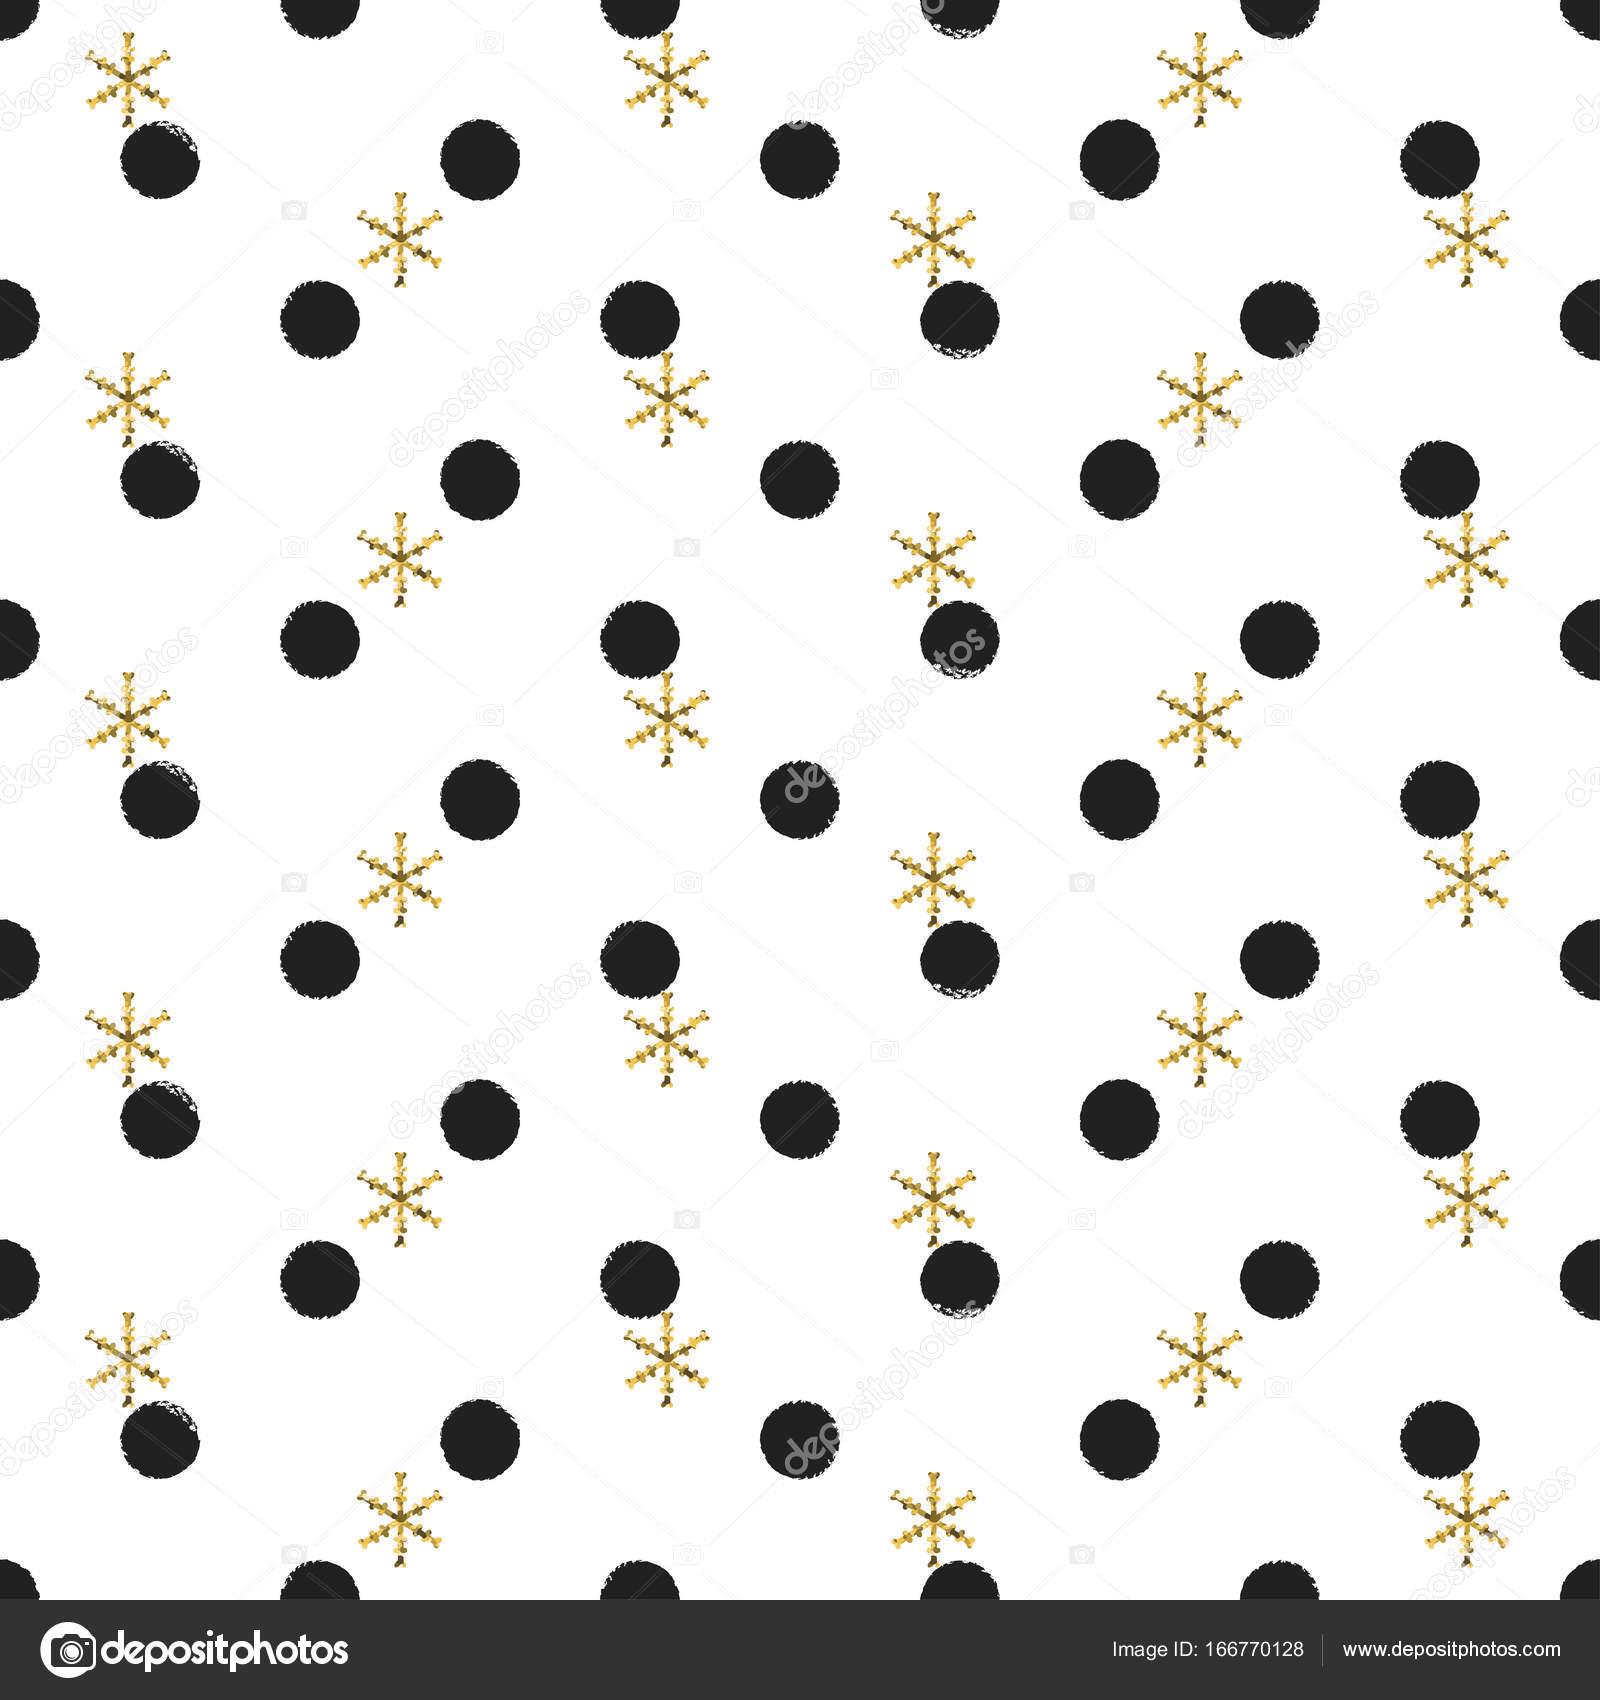 1600x1700 Glitter Gold Polka Dot Christmas New Year Seamless Pattern